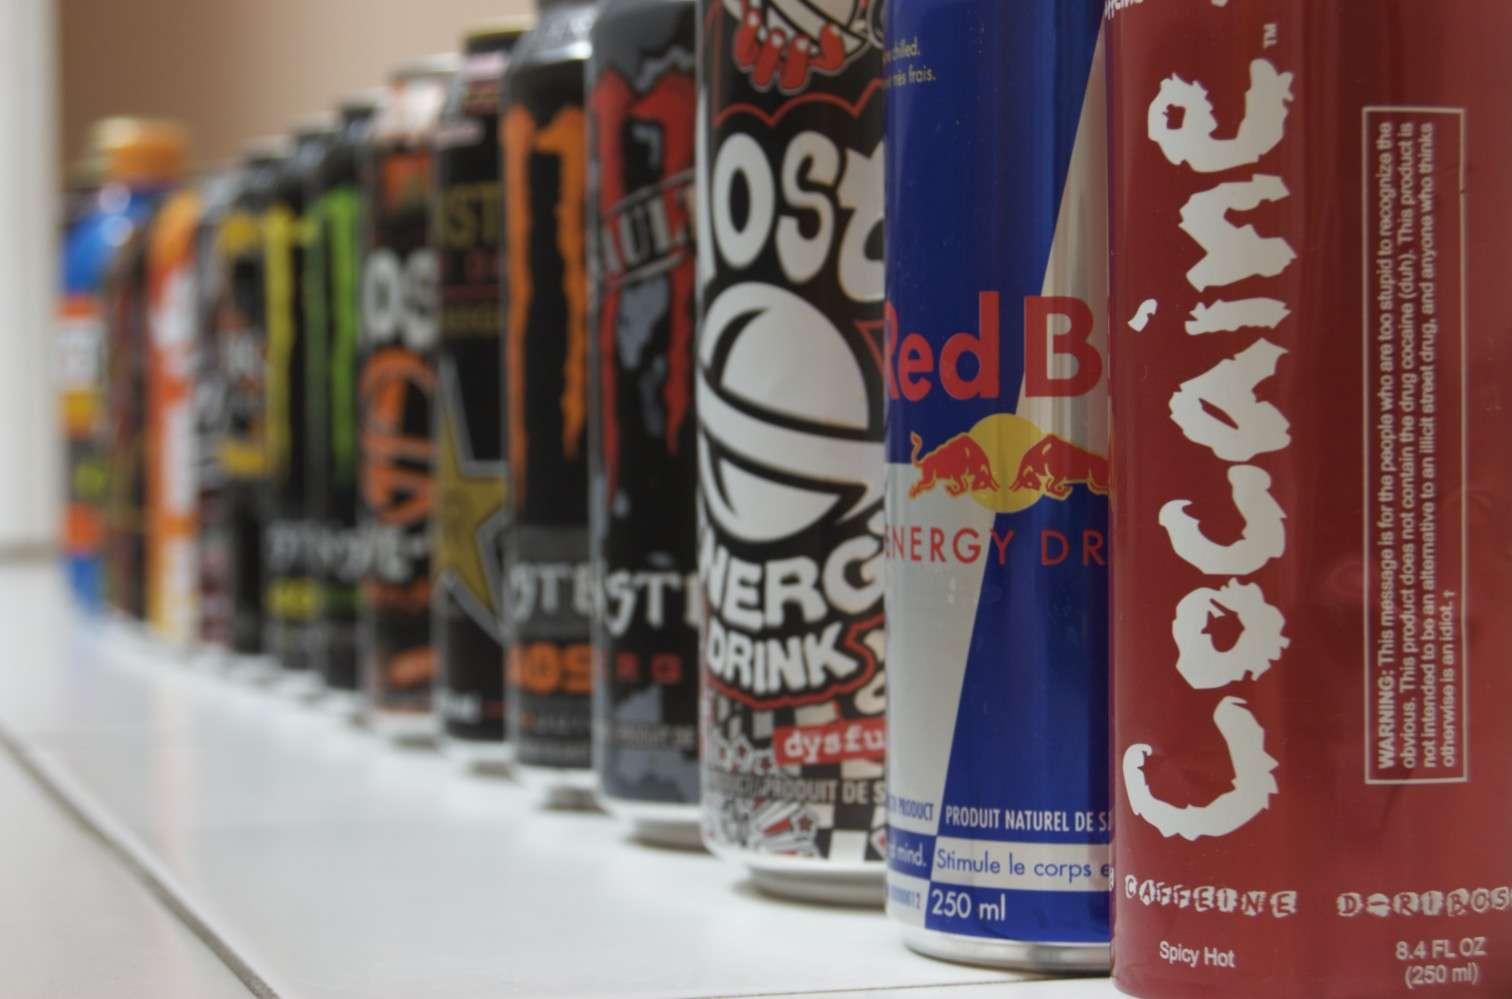 La consommation de caféine a fortement augmenté chez les jeunes ces dernières années, non pas à cause du café, mais plutôt des boissons énergisantes, qui connaissent un franc succès. Pourtant, le cerveau des ados n'aimerait pas vraiment... © Simon le nippon, Flickr, cc by sa 2.0